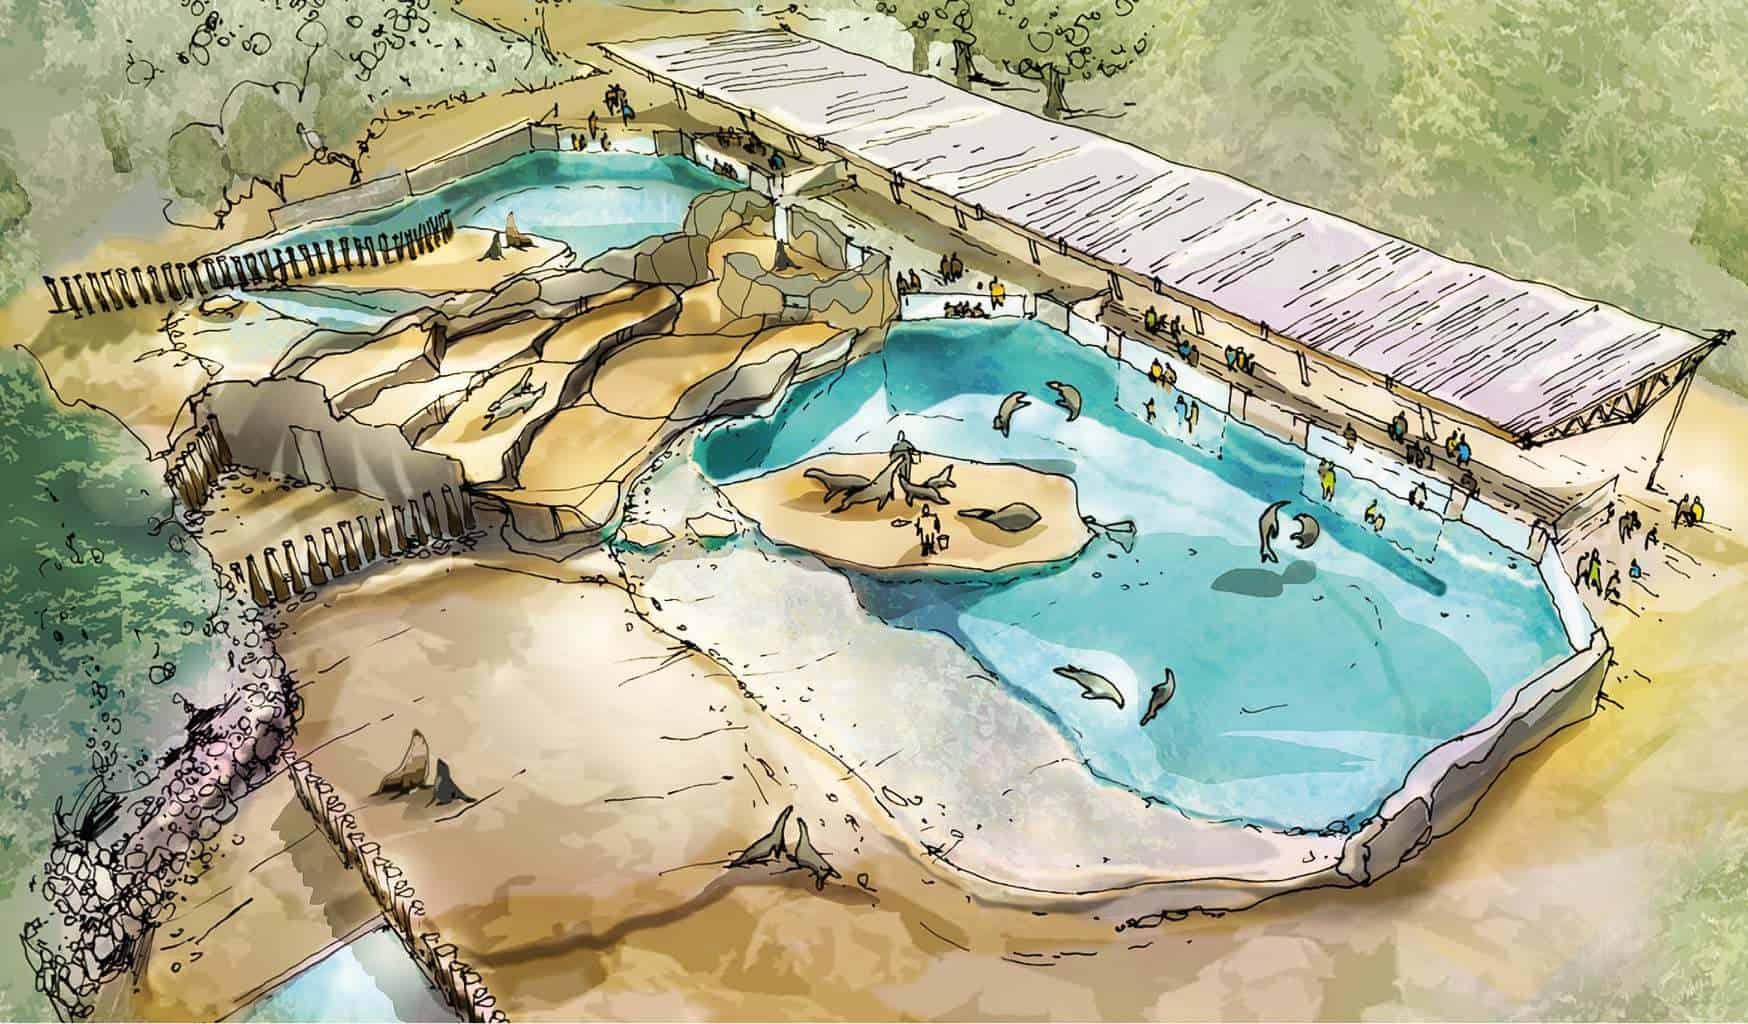 Entwurf aus der Projektstudie zum Neubau der Robbenanlage im Zoo Rostock